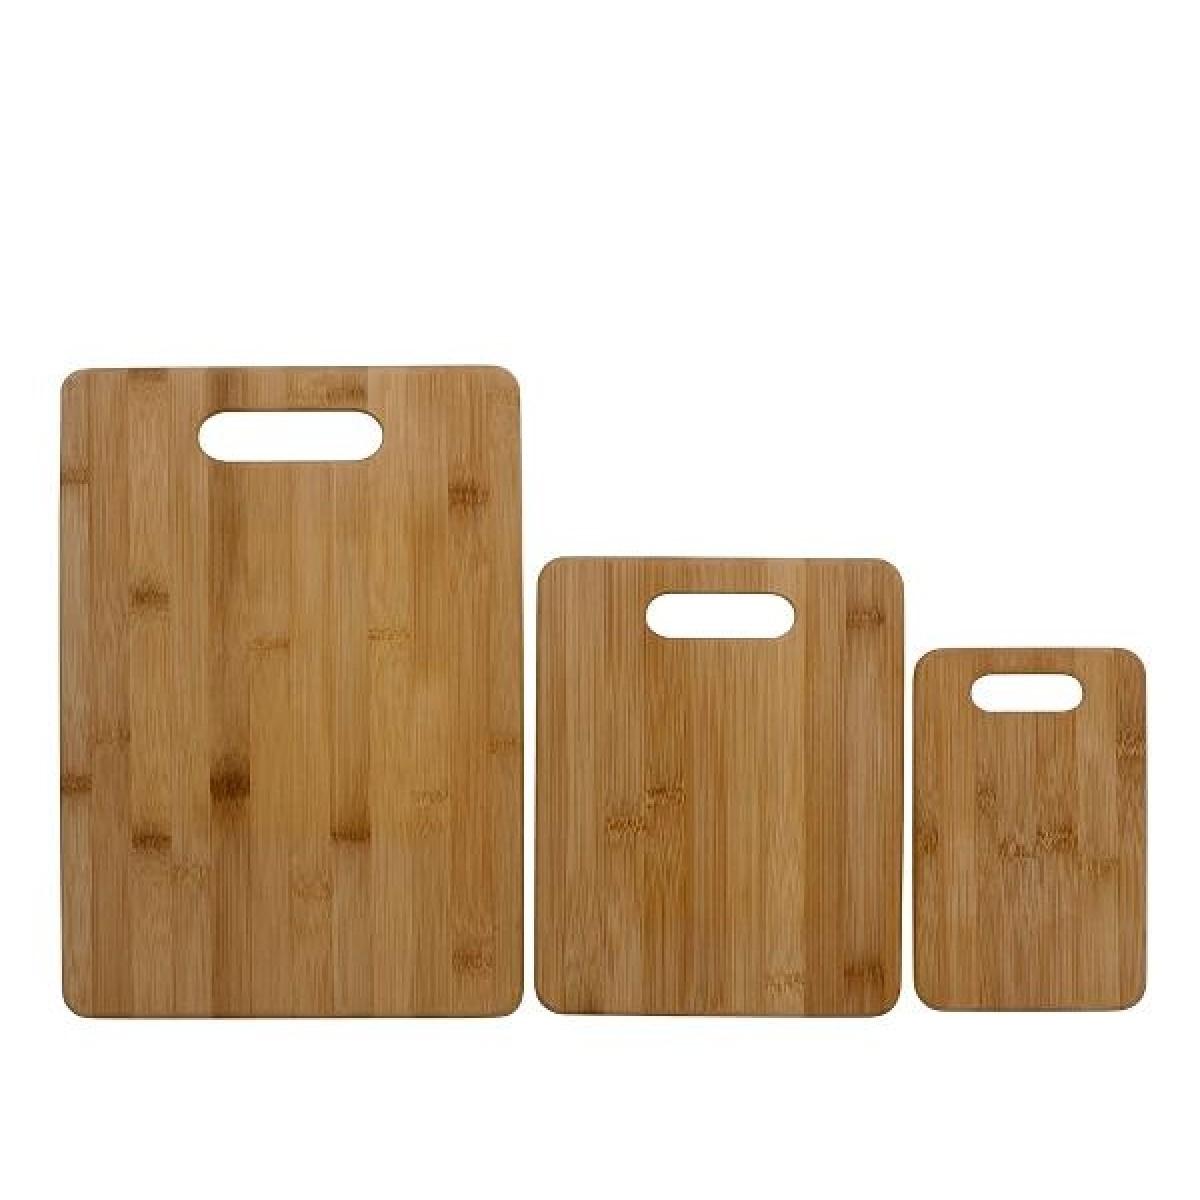 FUNKTION Skærebræt sæt 3 stk bambus